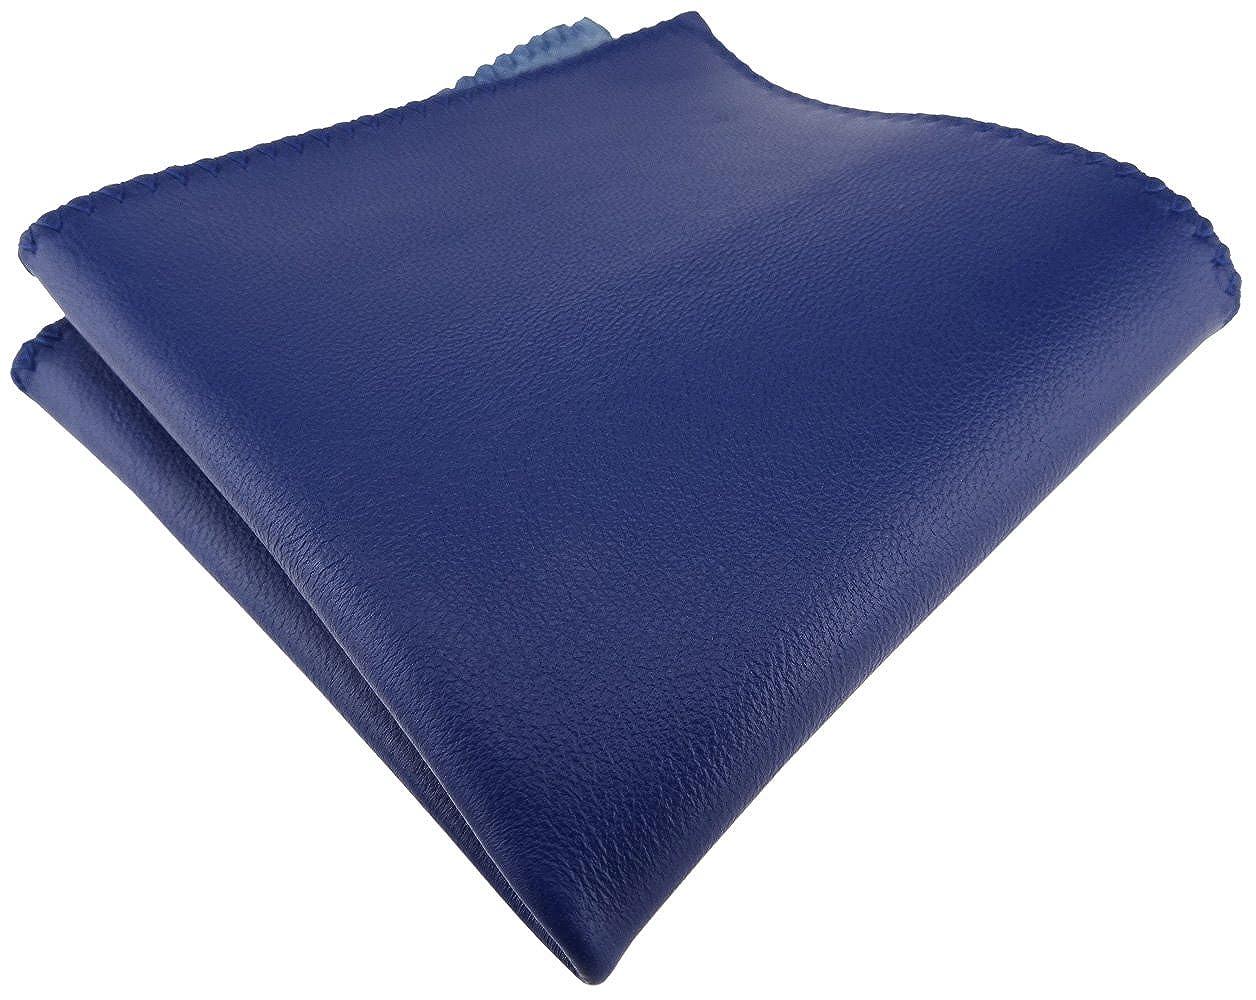 TigerTie feines Ledereinstecktuch in einfarbig Uni - Einstecktuch Pochette 100% Lammnappa-Leder